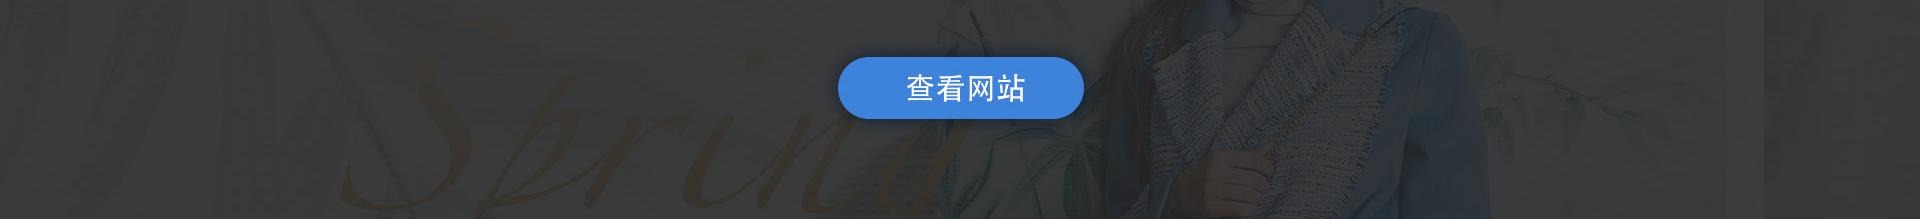 宁波飞色-黄日华-云企案例3_02